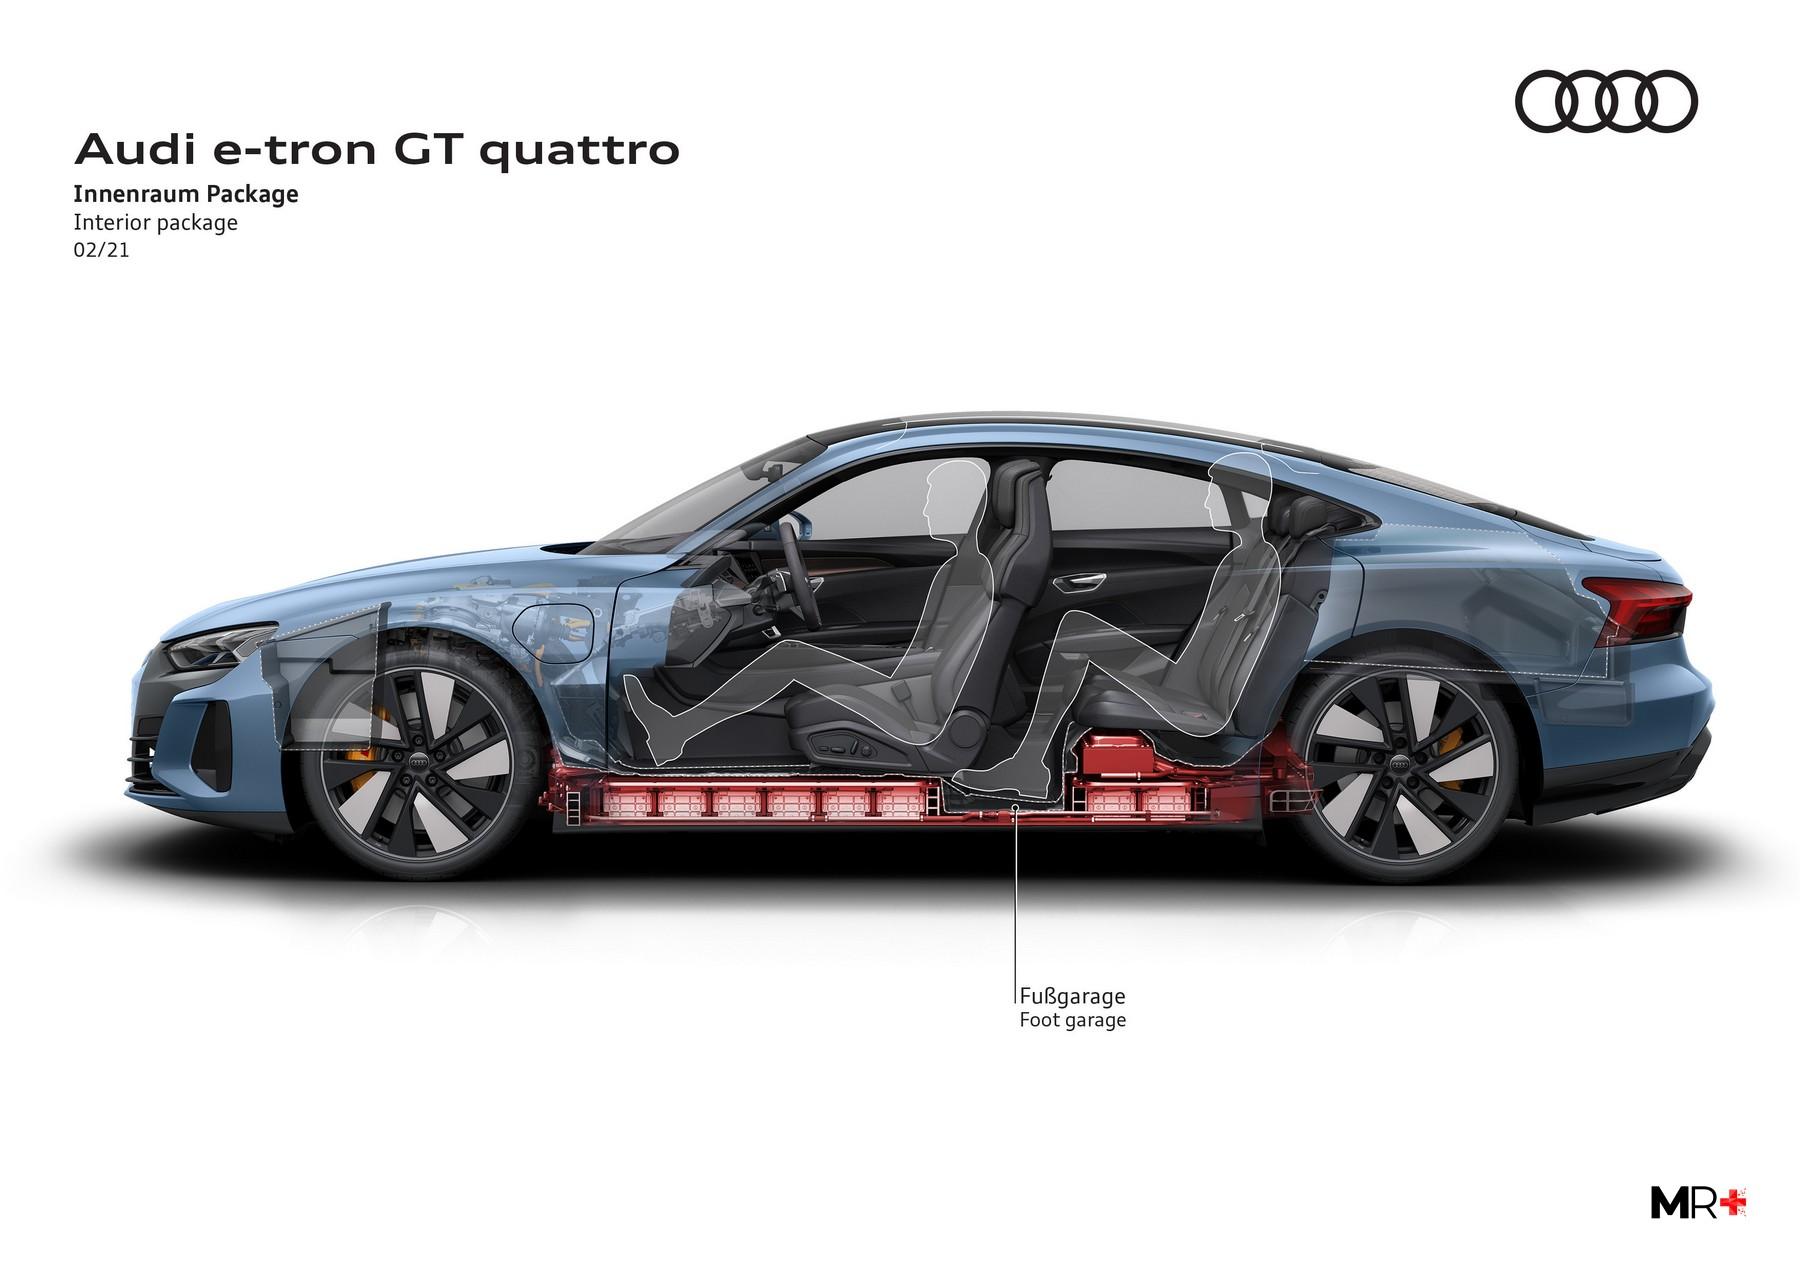 Il pacco batterie della Audi e-tron GT